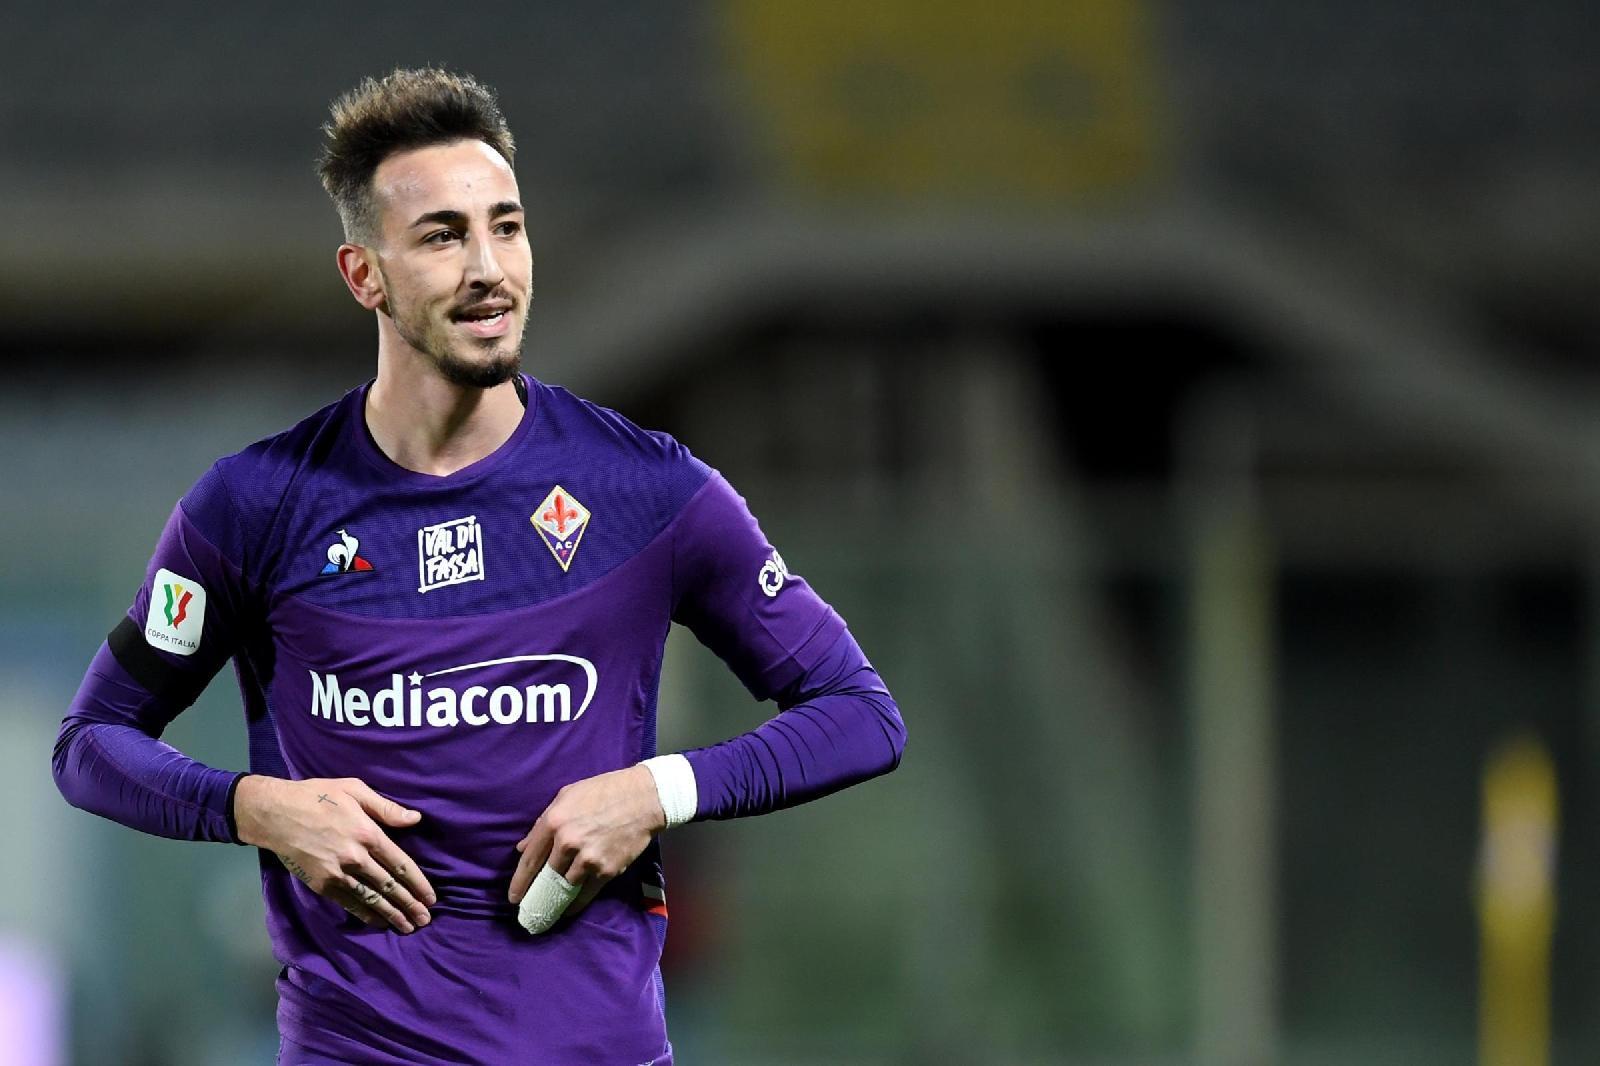 Calciomercato Fiorentina, Castrovilli nuova scommessa. Nodo contratto